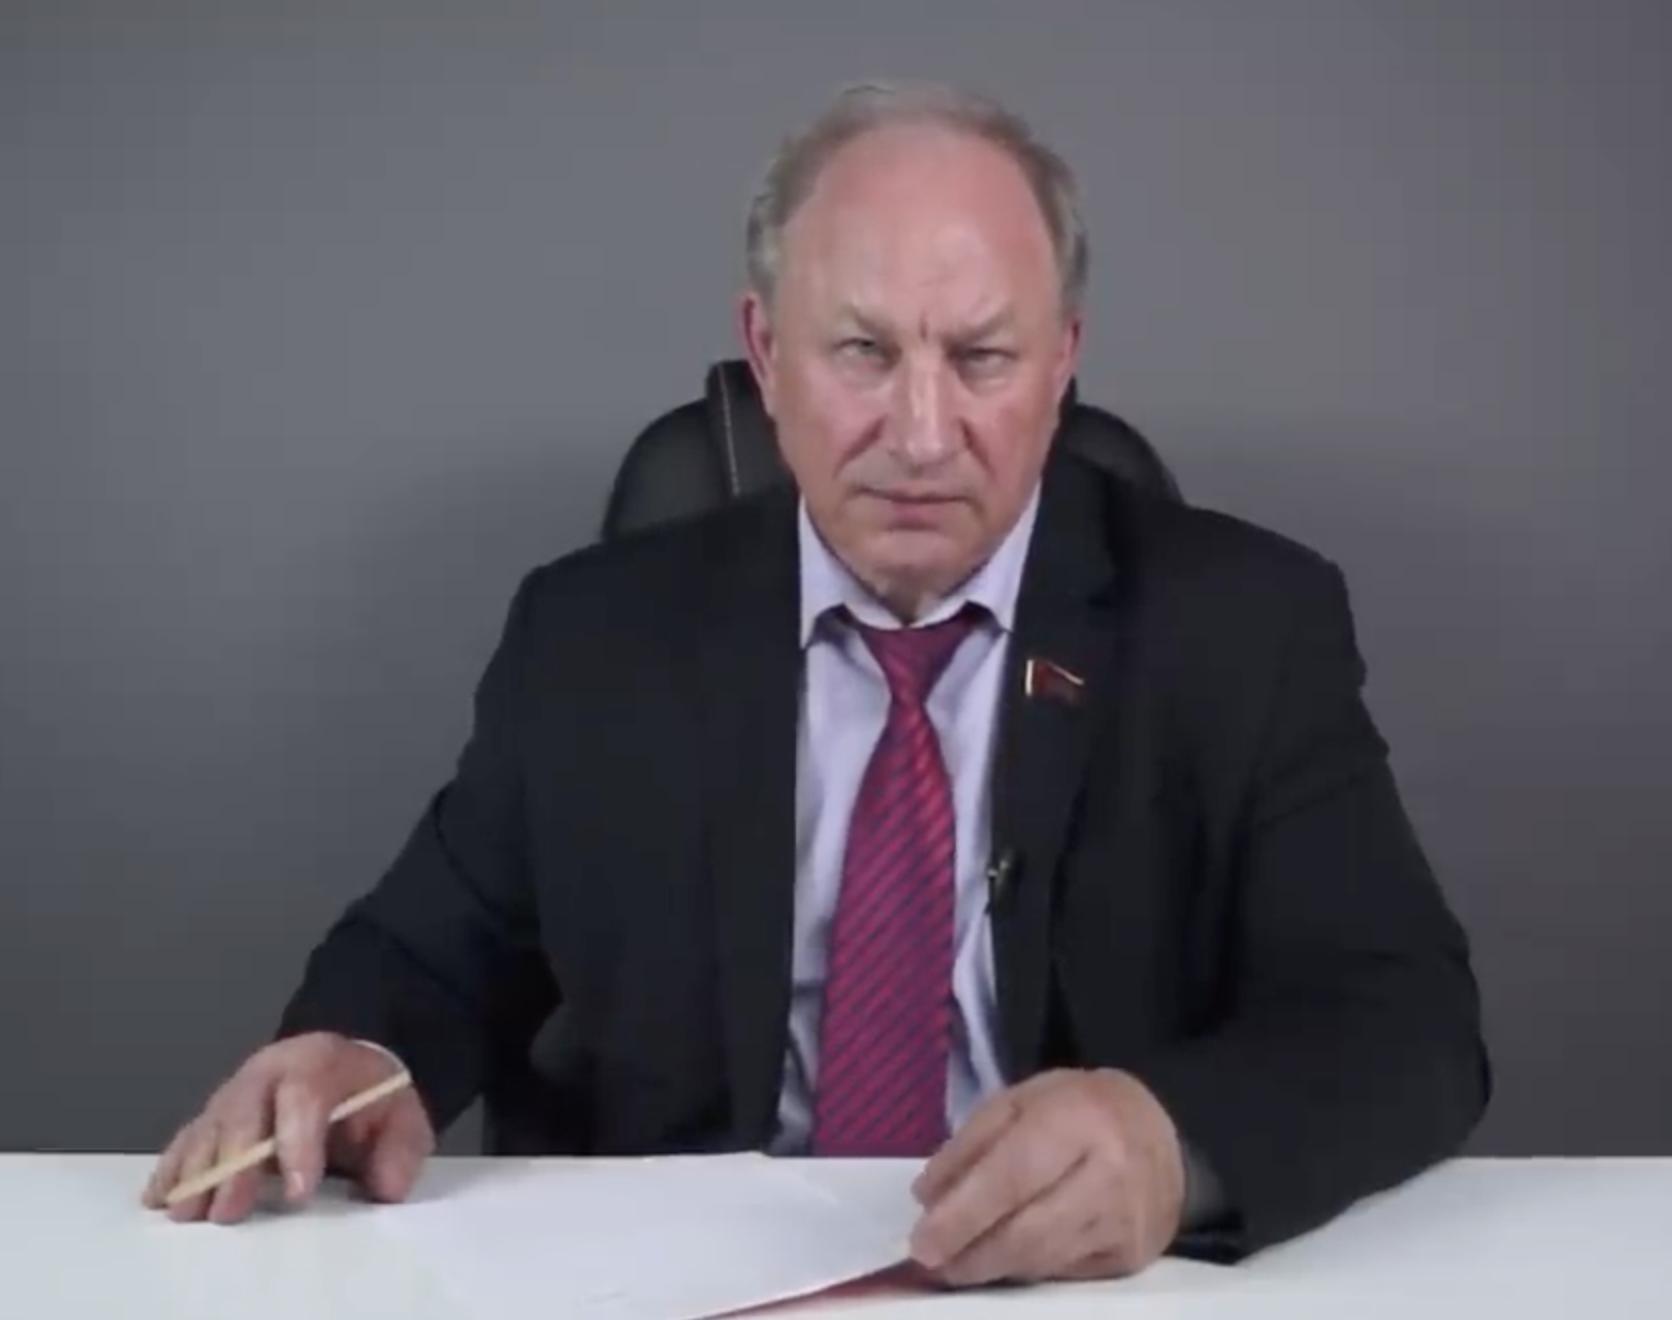 Депутат Госдумы и коммунист Рашкин окончательно поехал кукухой